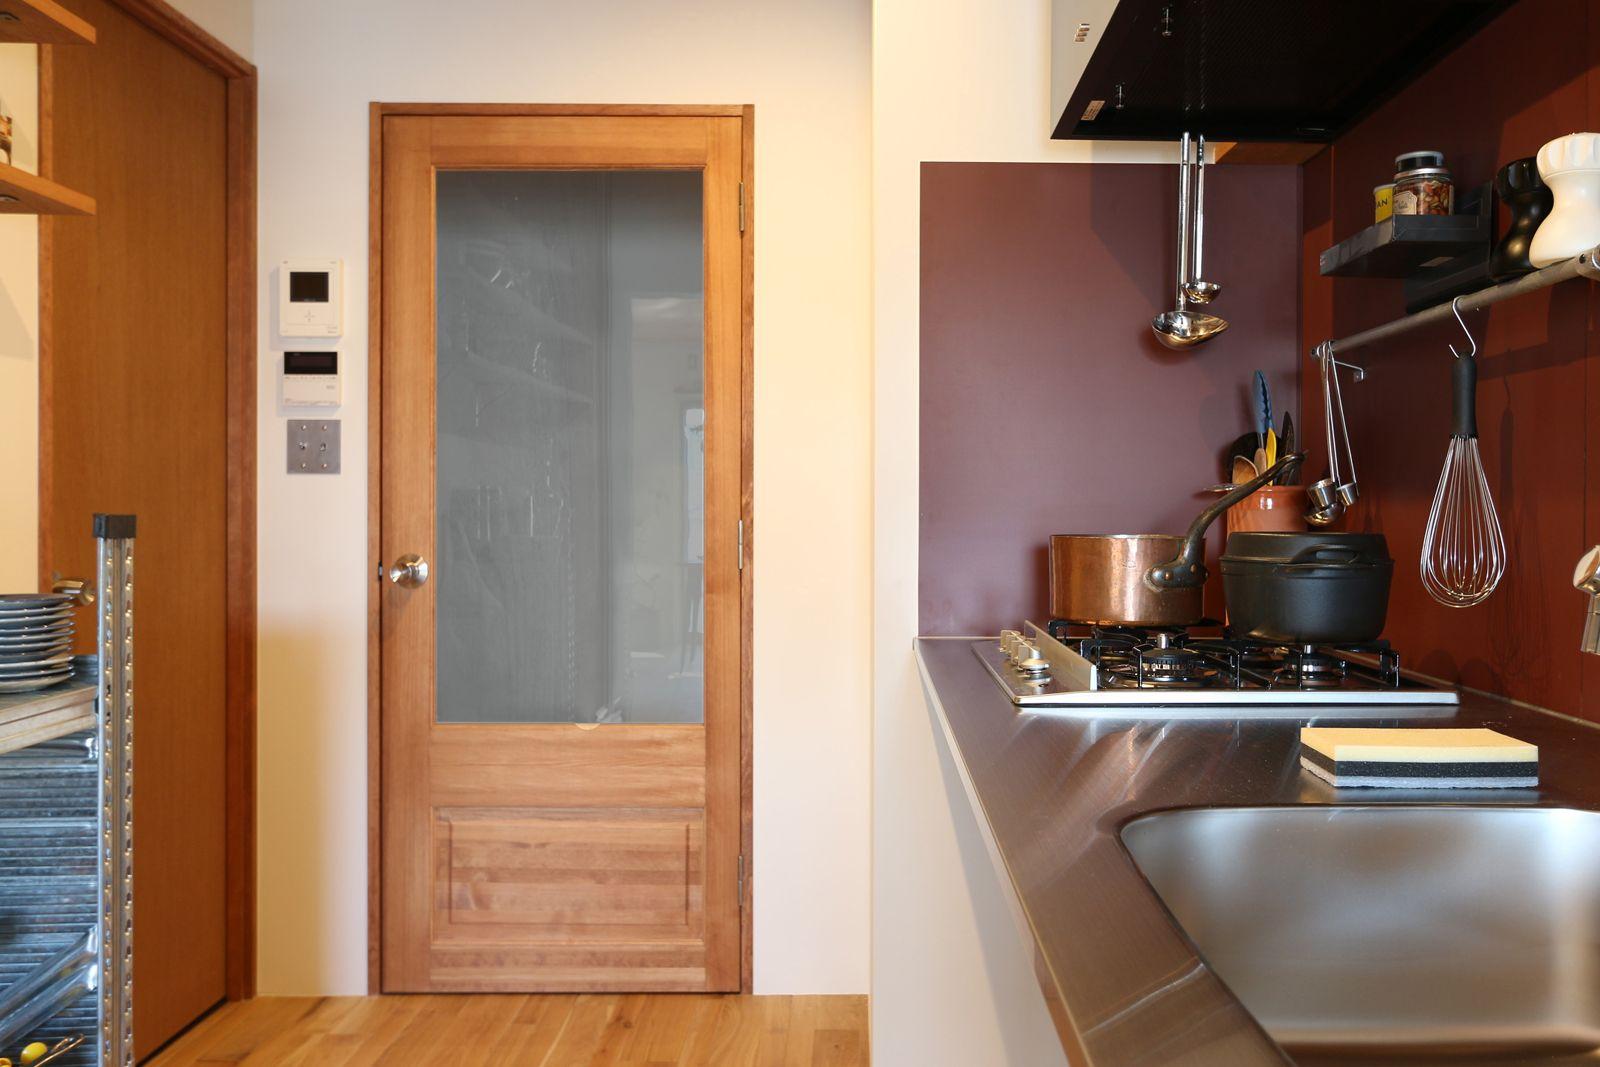 あなたの部屋色に染まります 木製パインドア ガラス引き戸 ガラスドア ツールボックス